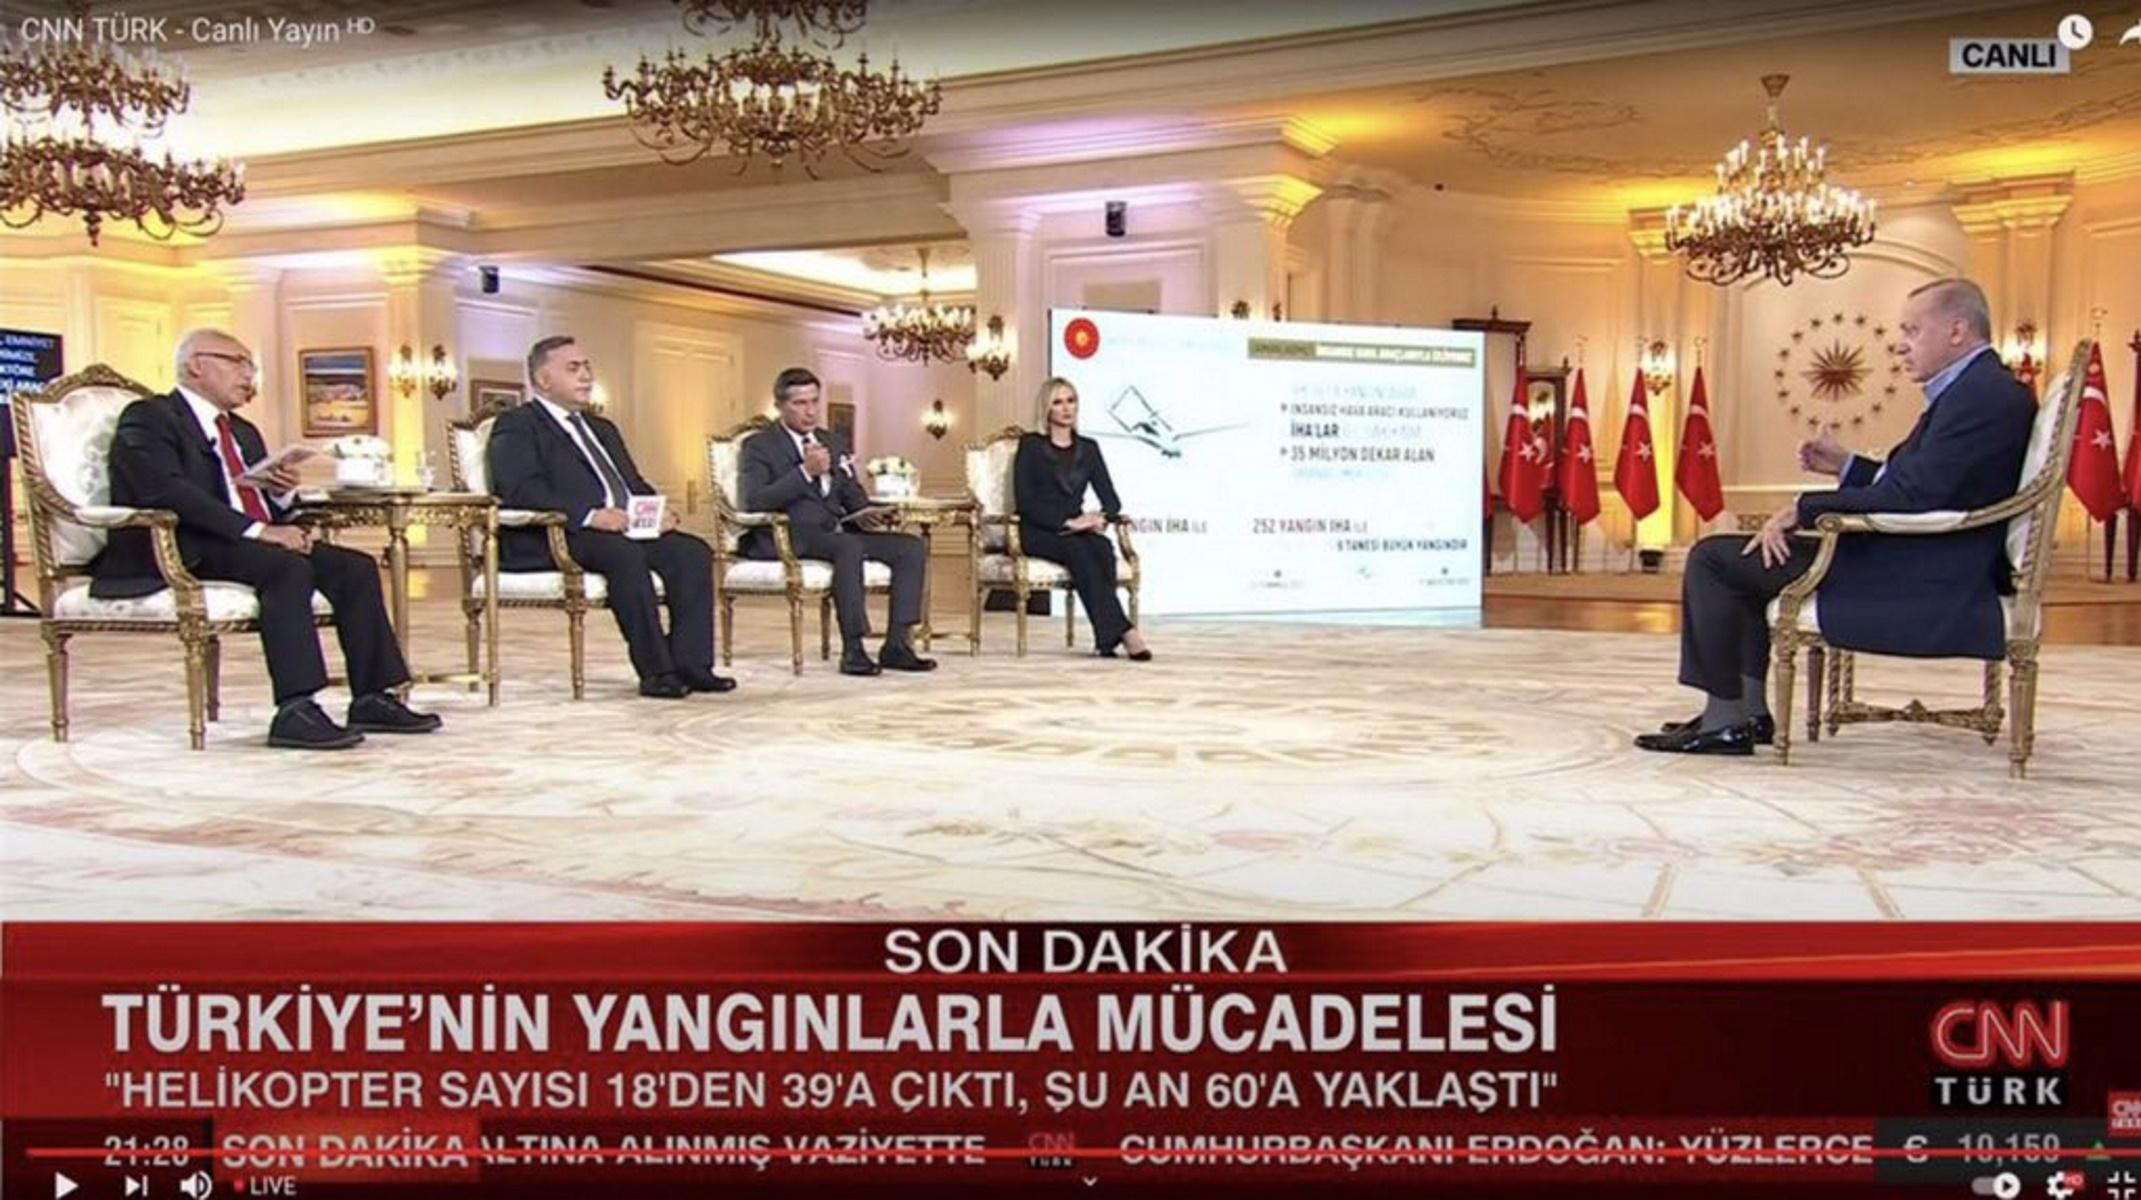 Τα πλάνα που πρόδωσαν τον Ερντογάν – Απίστευτο κράξιμο στο Twitter